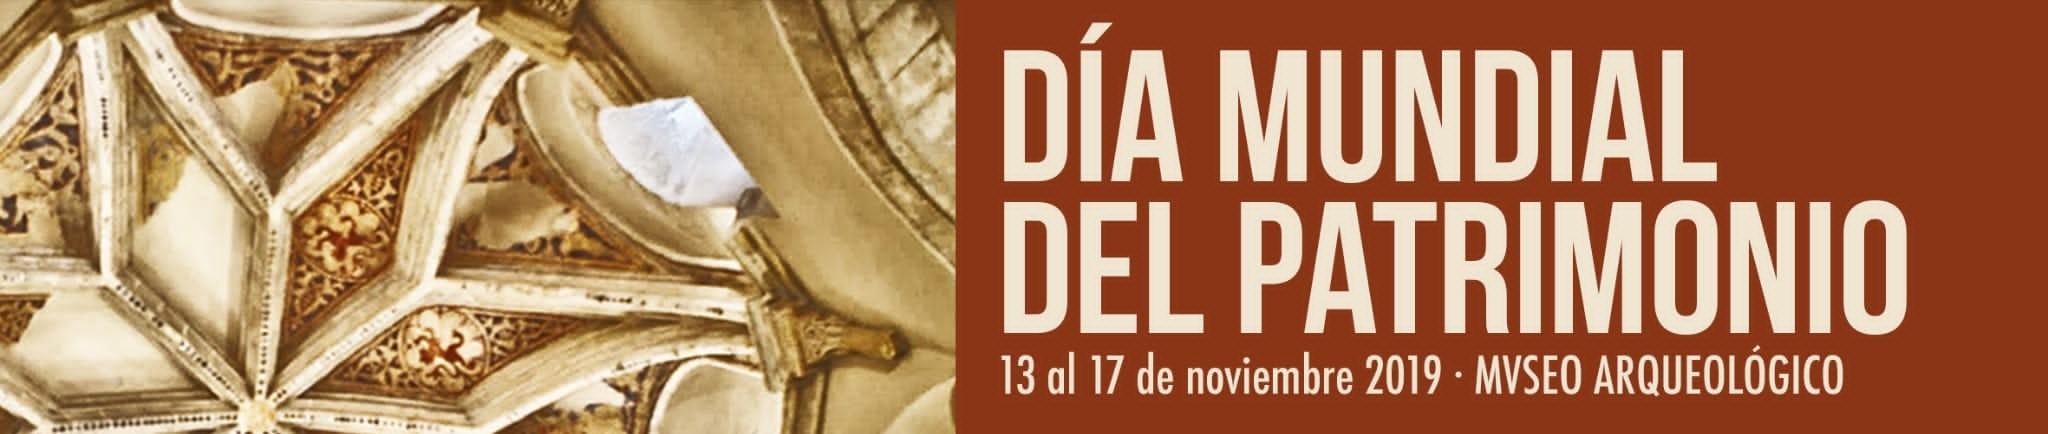 DÍA MUNDIAL DEL PATRIMONIO Familia con Niños (JEREZ) Del 13 al 17 de Noviembre de 2019